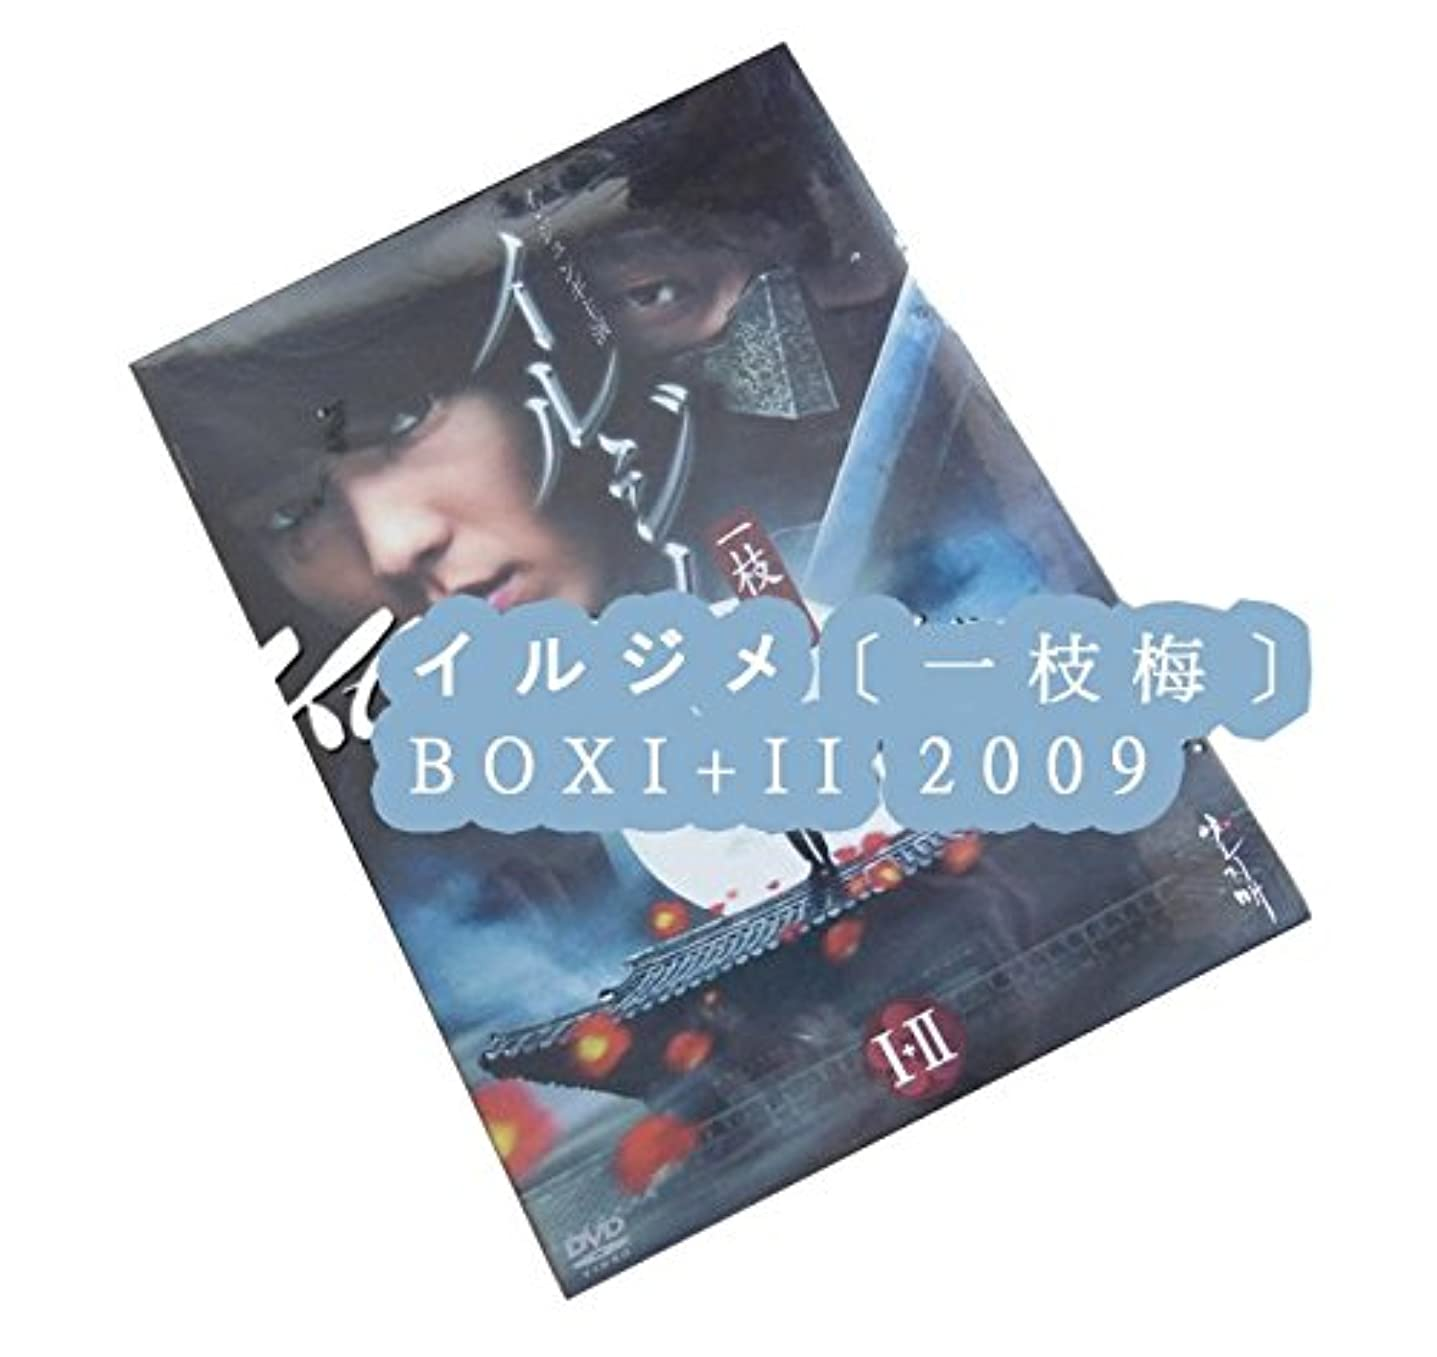 コンパイル弁護人するイルジメ 〔一枝梅〕 BOXI+II 2009